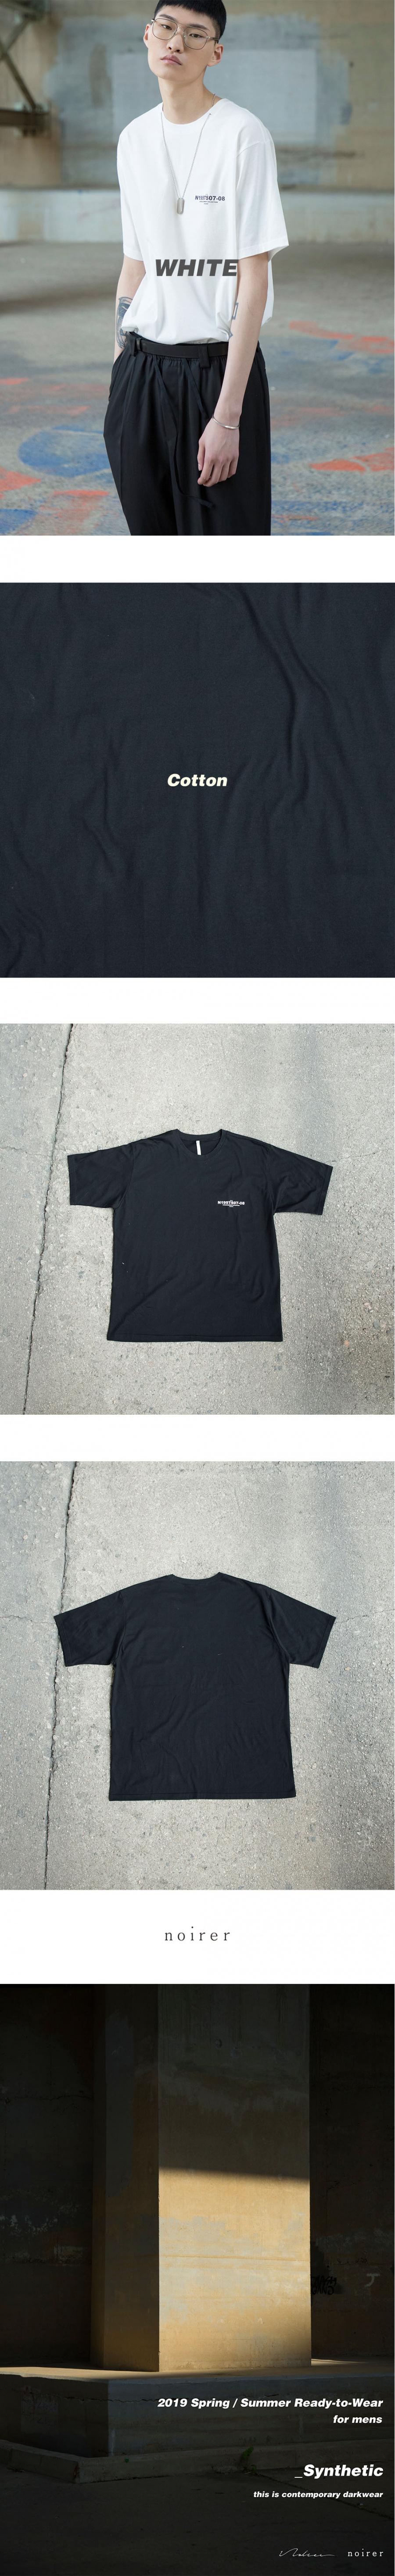 노이어(NOIRER) 스텝 체인 티셔츠 블랙